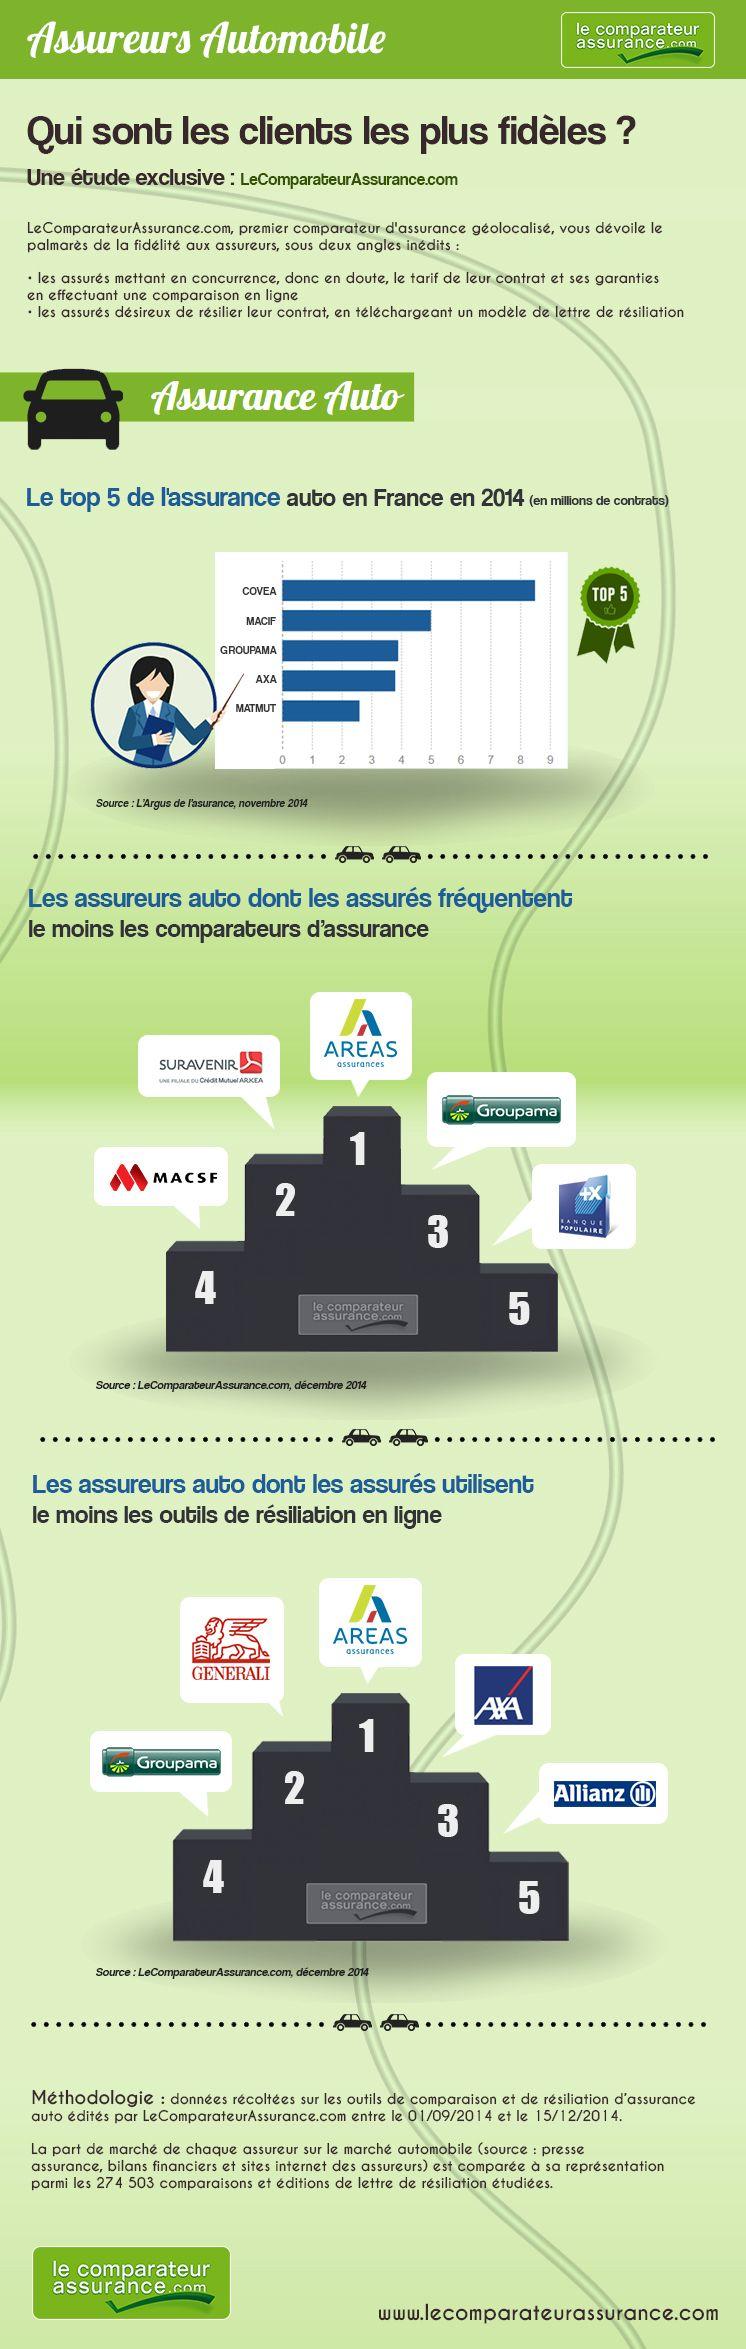 https://www.service-public.fr/particuliers/vosdroits/services-en-ligne-et-formulaires